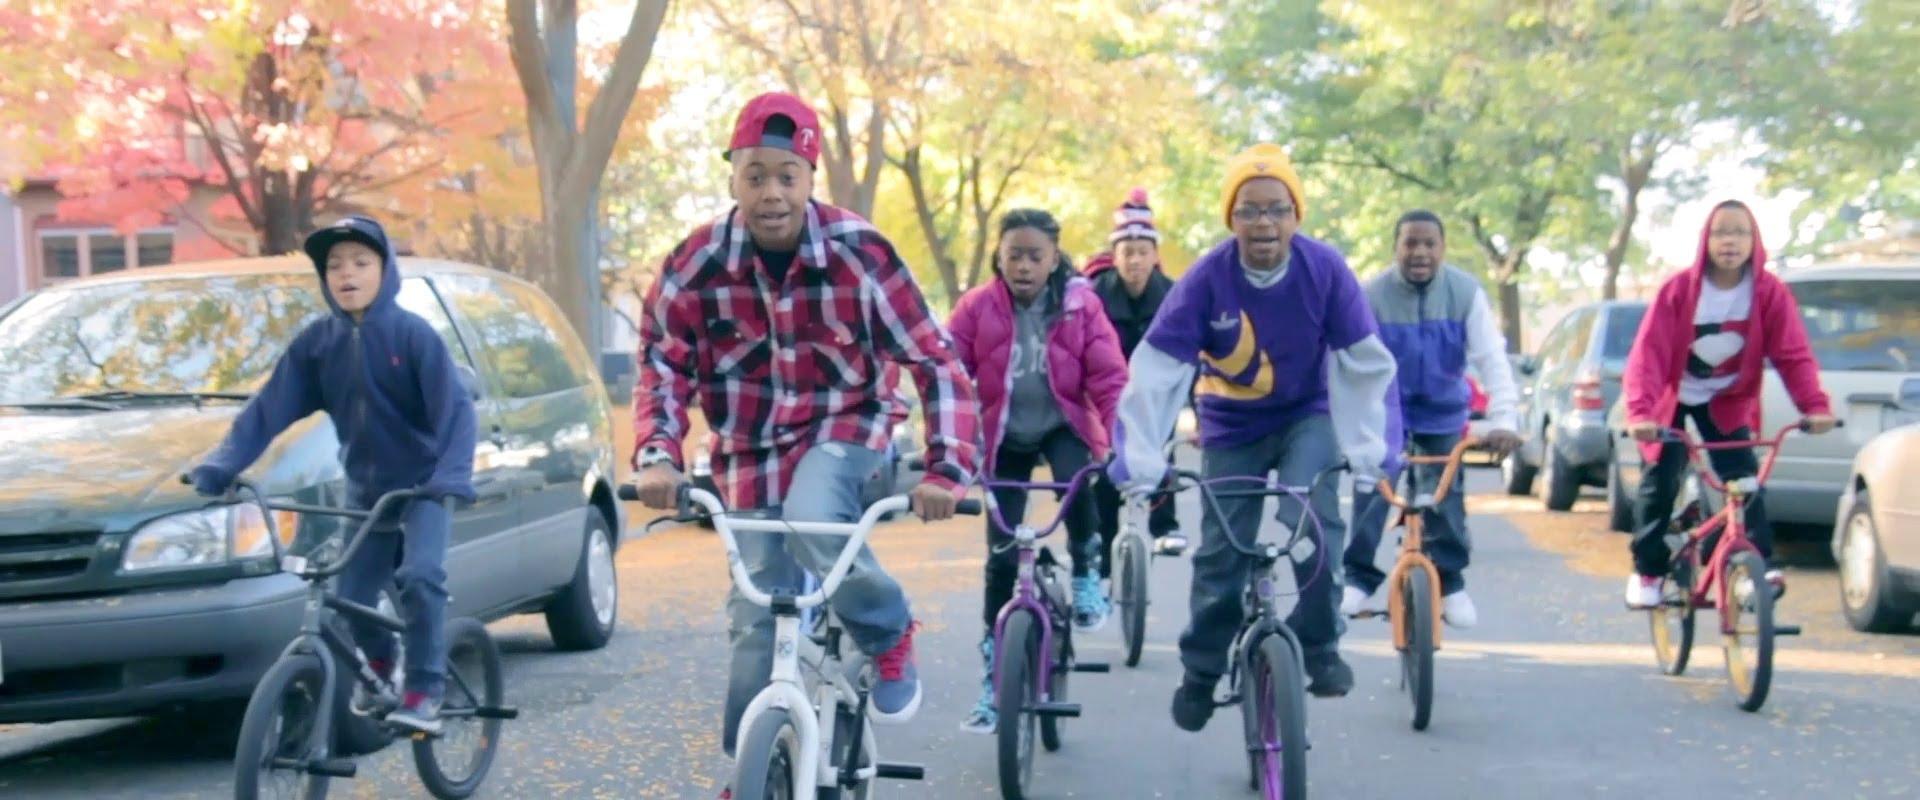 Weekend Listening: Y.N.RichKids – My Bike